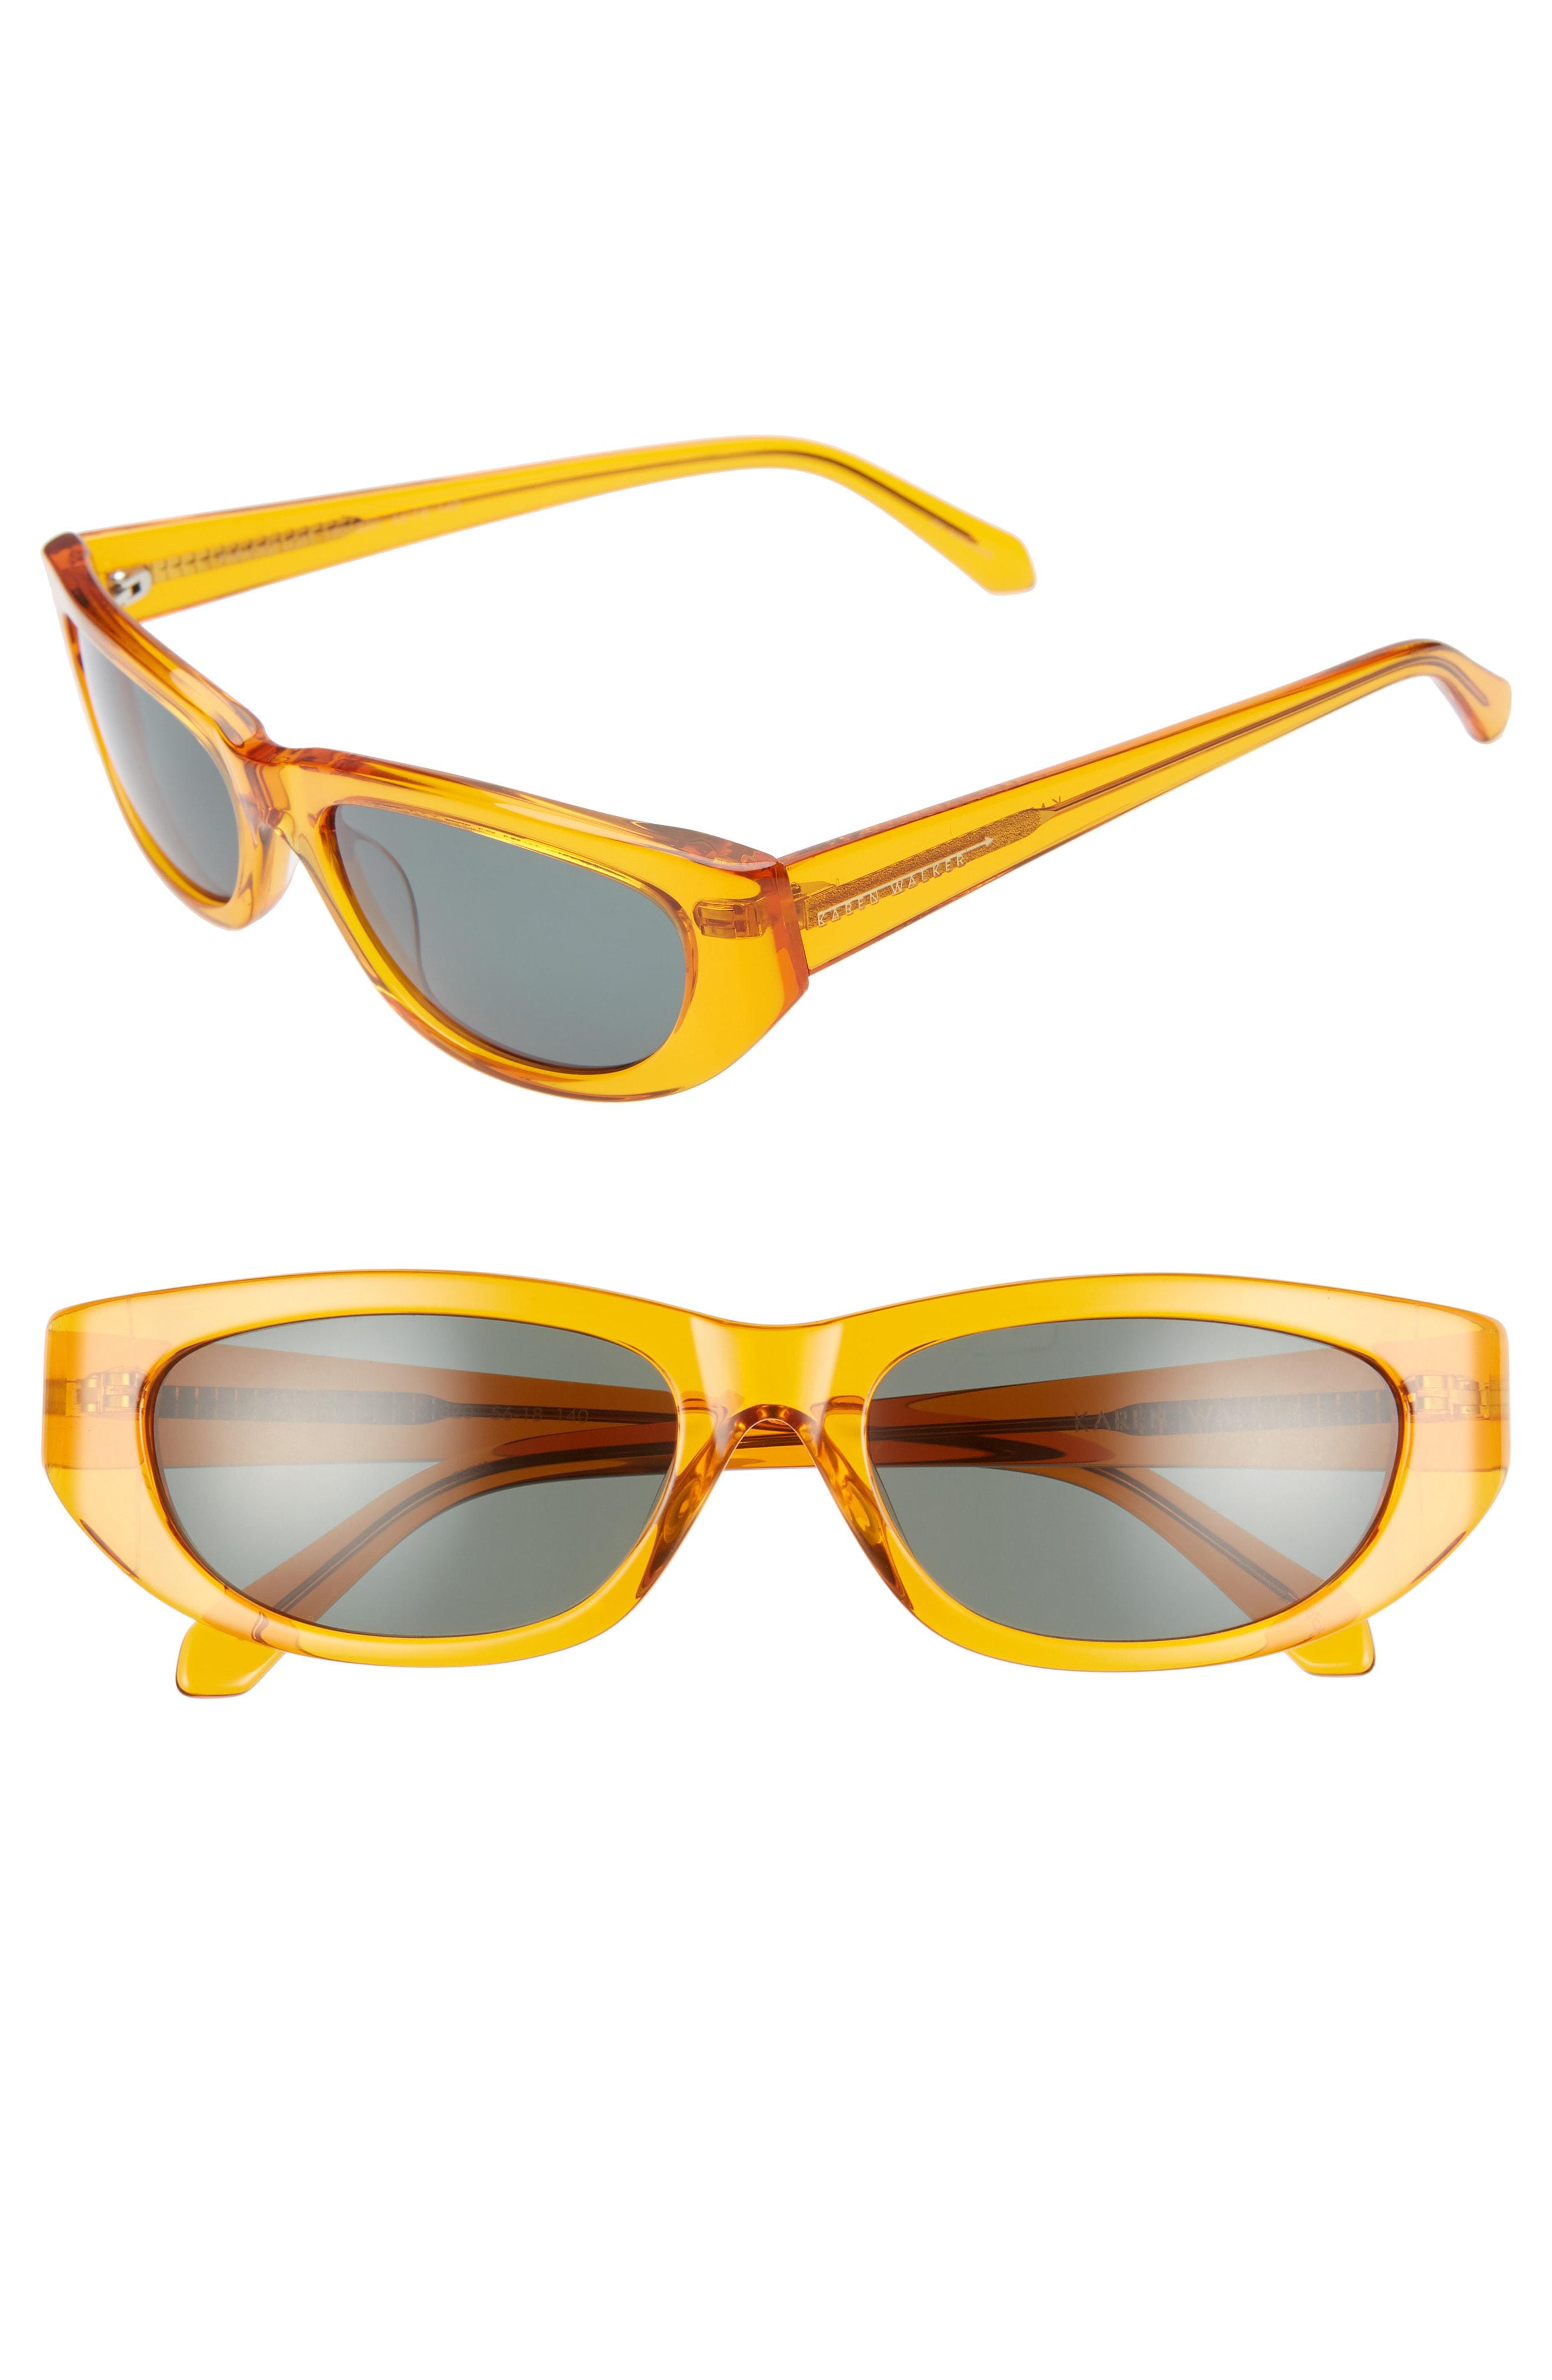 b96b7a79e8db Karen Walker 56Mm Oval Cat Eye Sunglasses - Electro Pumpkin/ Green ...